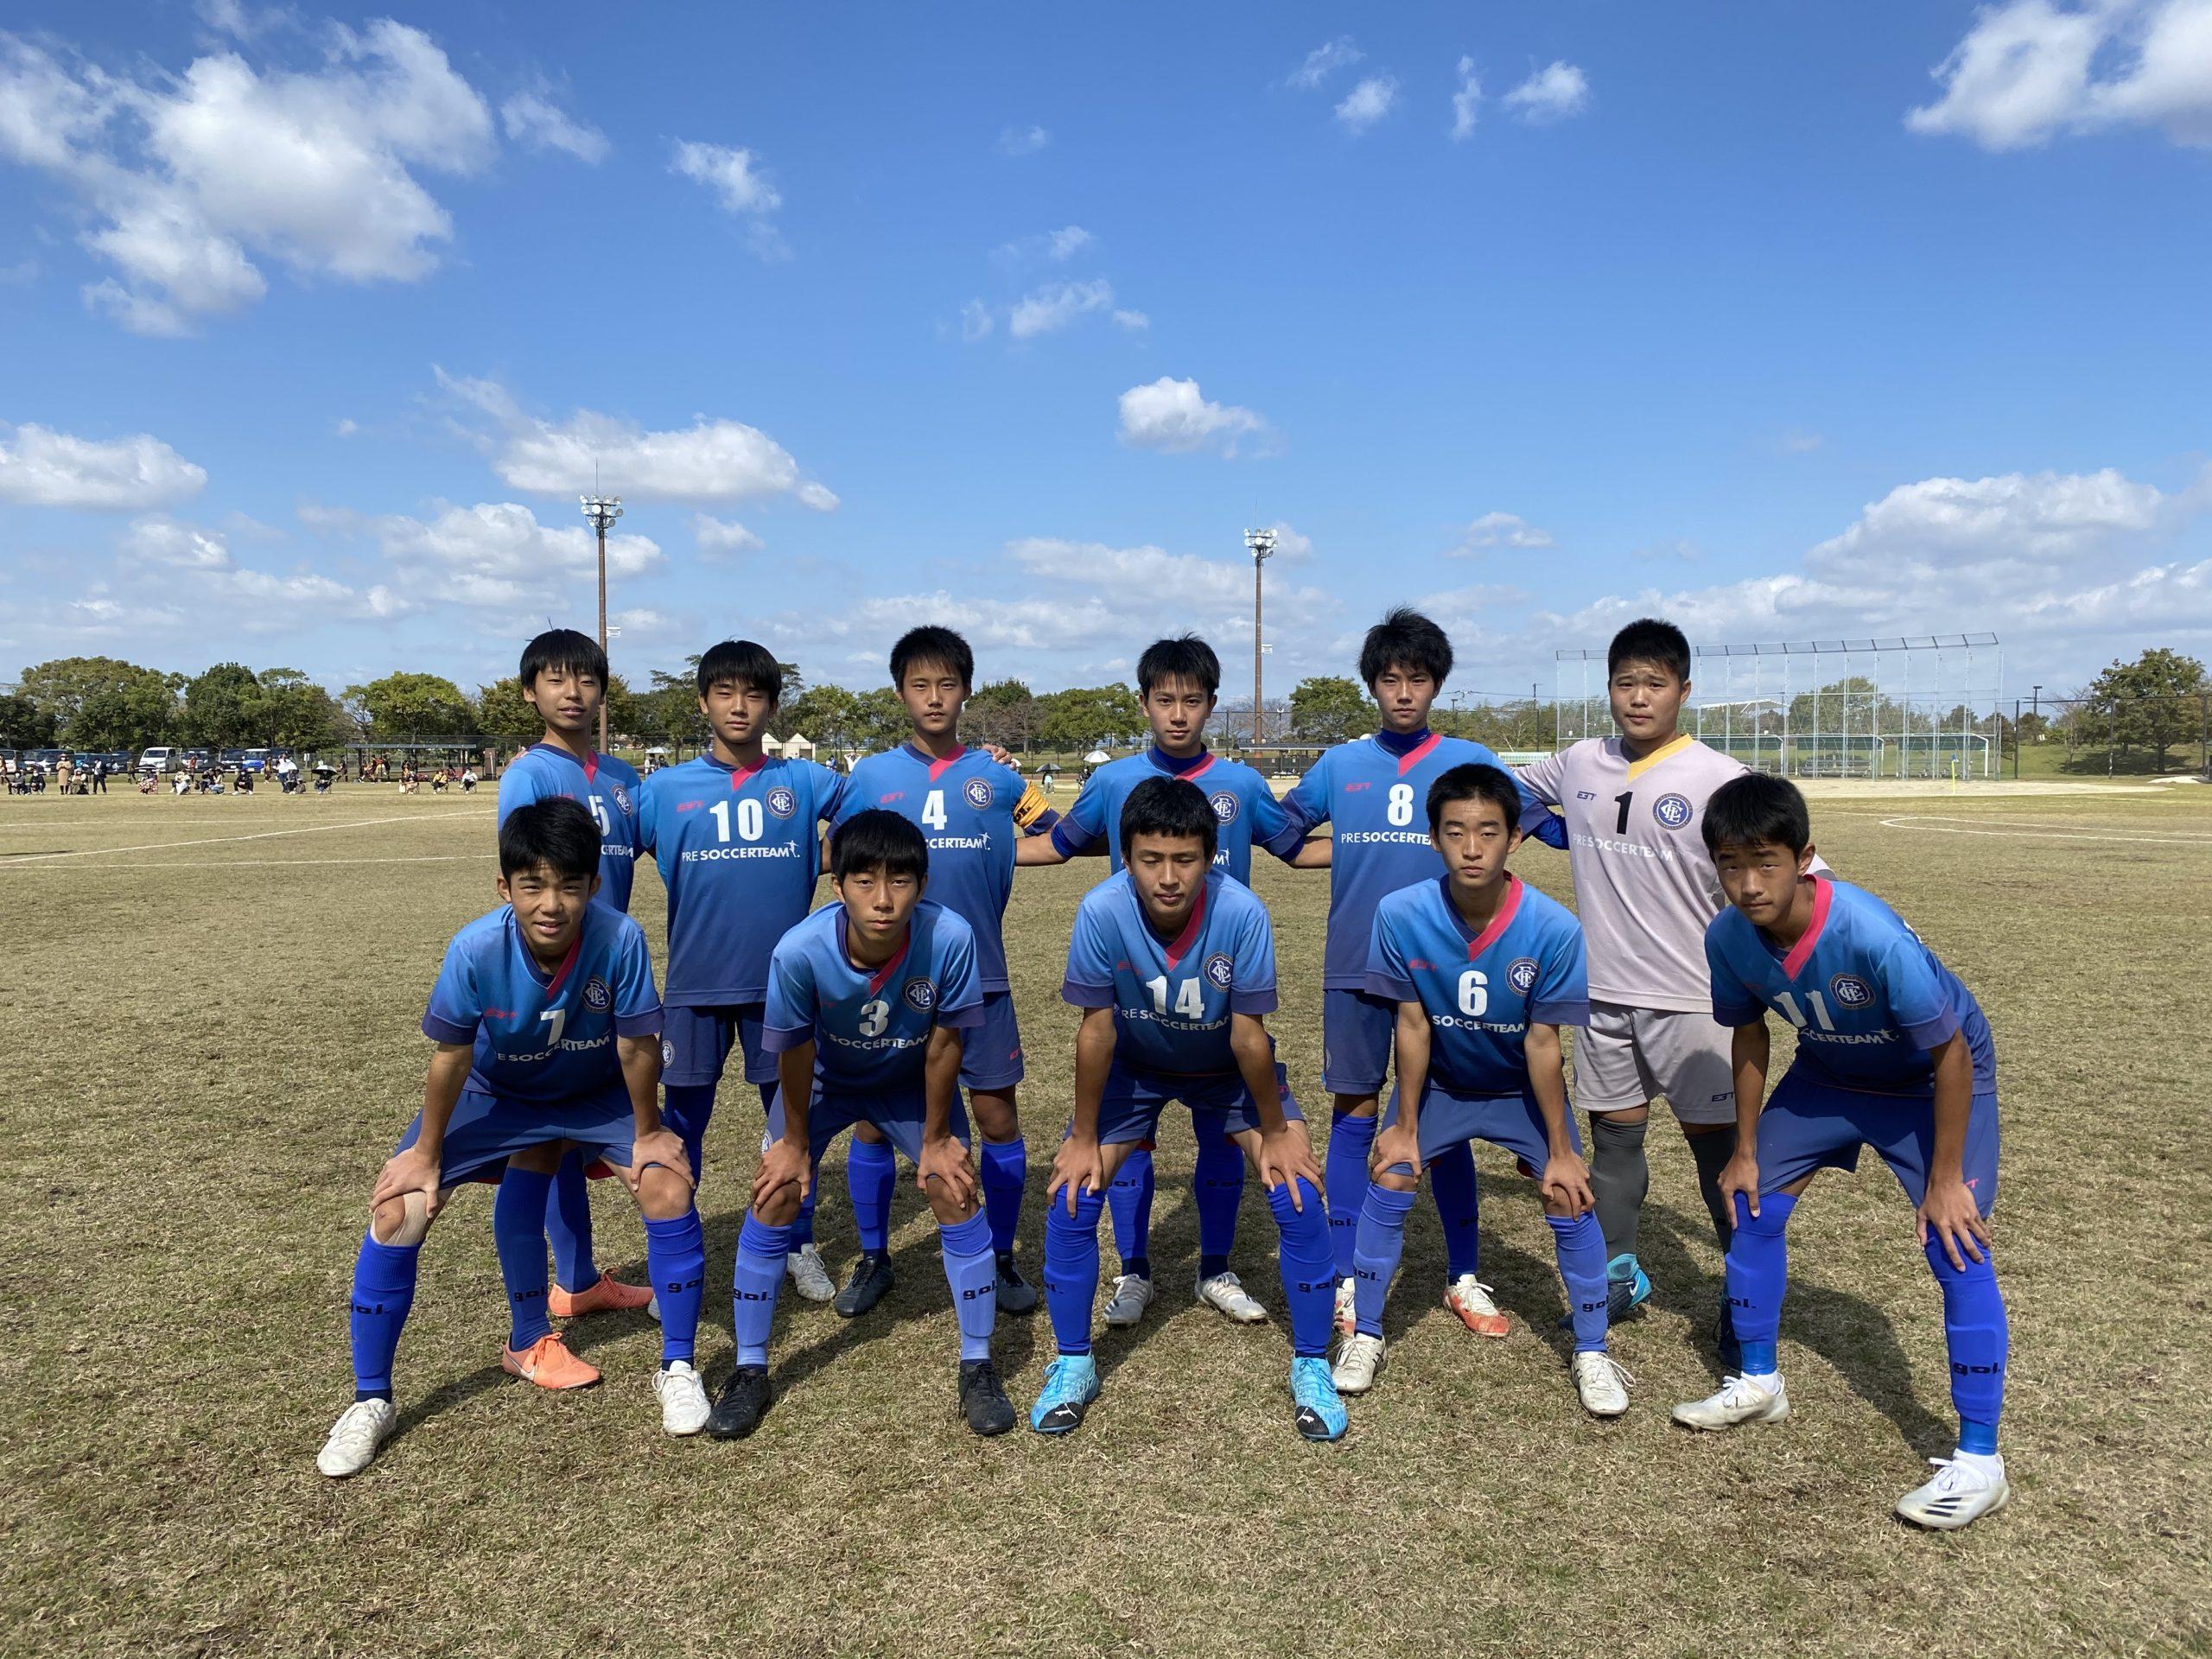 ジュニアユーストップ U15クラブ選手権 県大会 vs FUT6〜九州大会まであと1勝〜